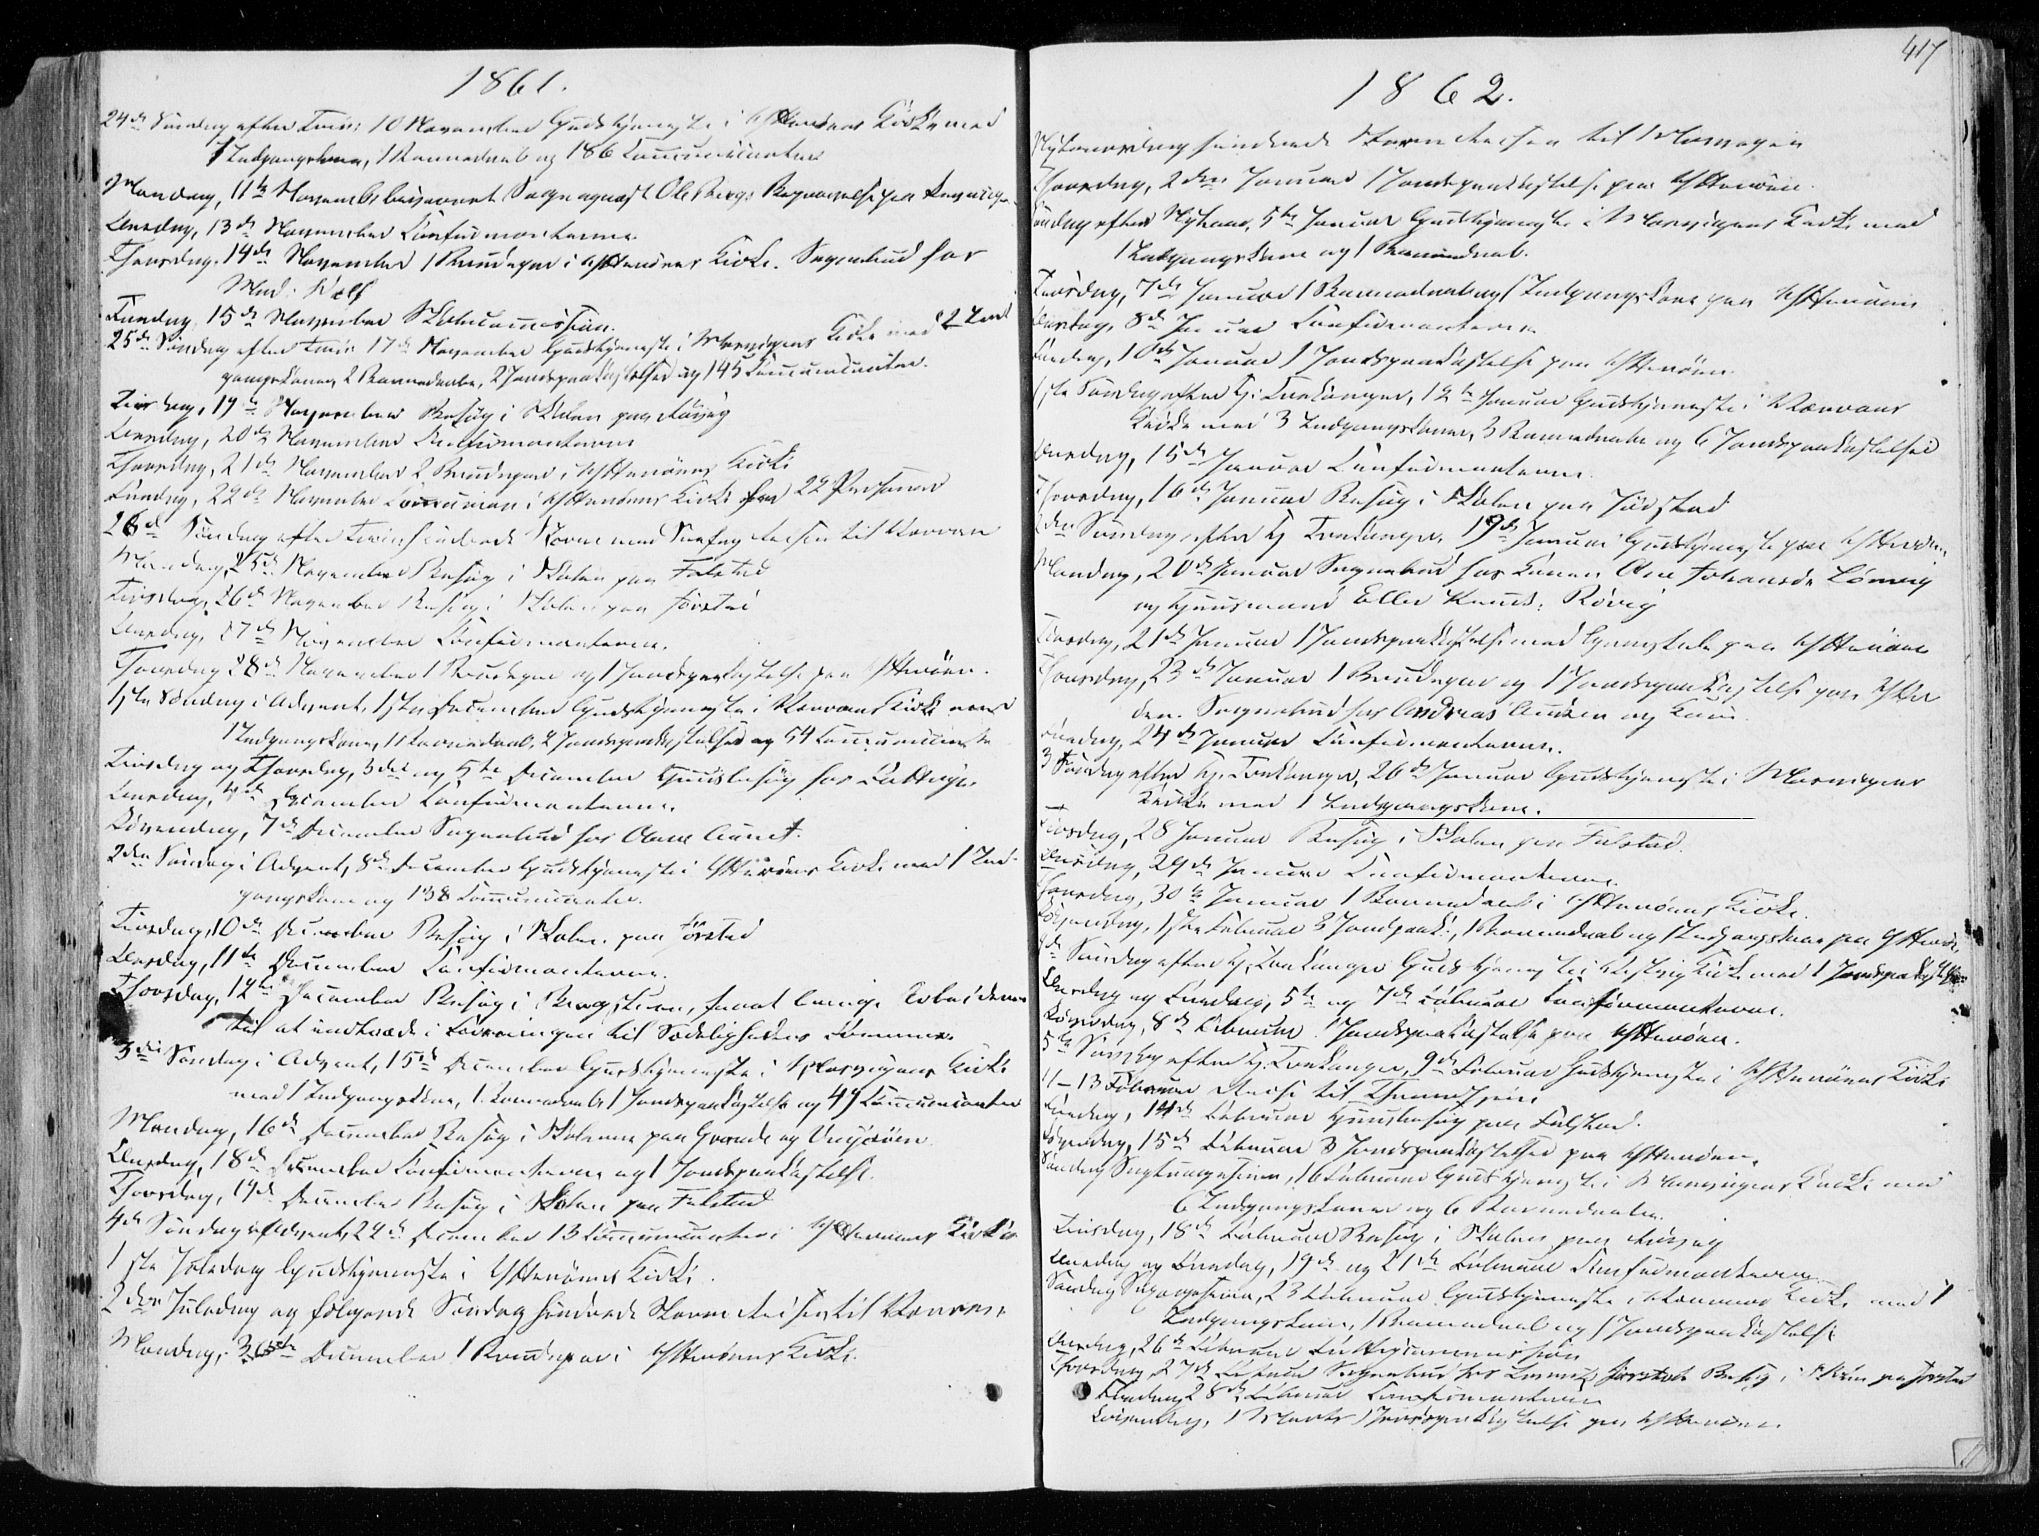 SAT, Ministerialprotokoller, klokkerbøker og fødselsregistre - Nord-Trøndelag, 722/L0218: Ministerialbok nr. 722A05, 1843-1868, s. 417